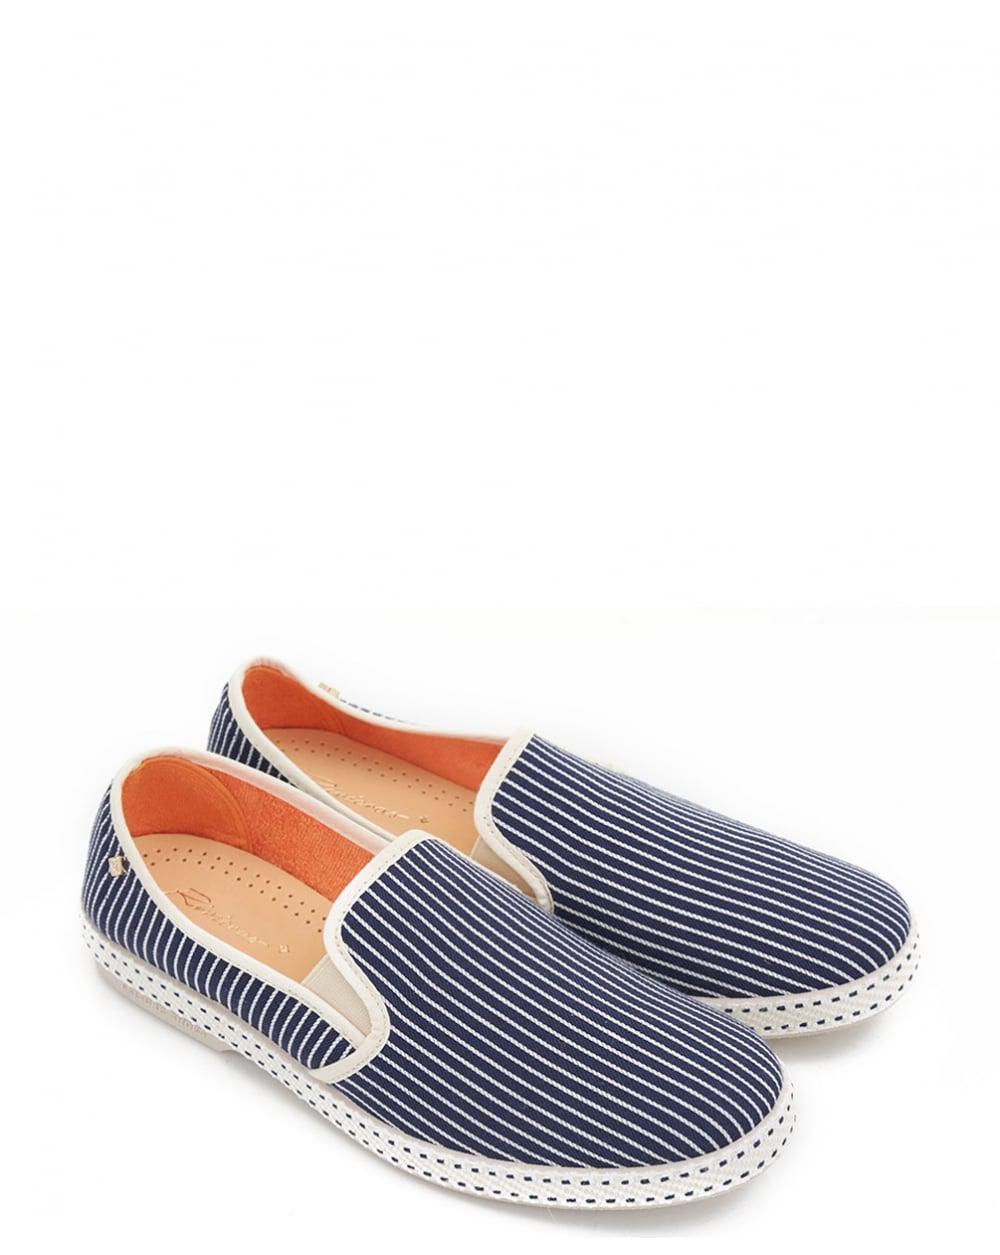 RIVIERAS Men's Jean-Raye Striped Slip-On Sneakers A1yK80